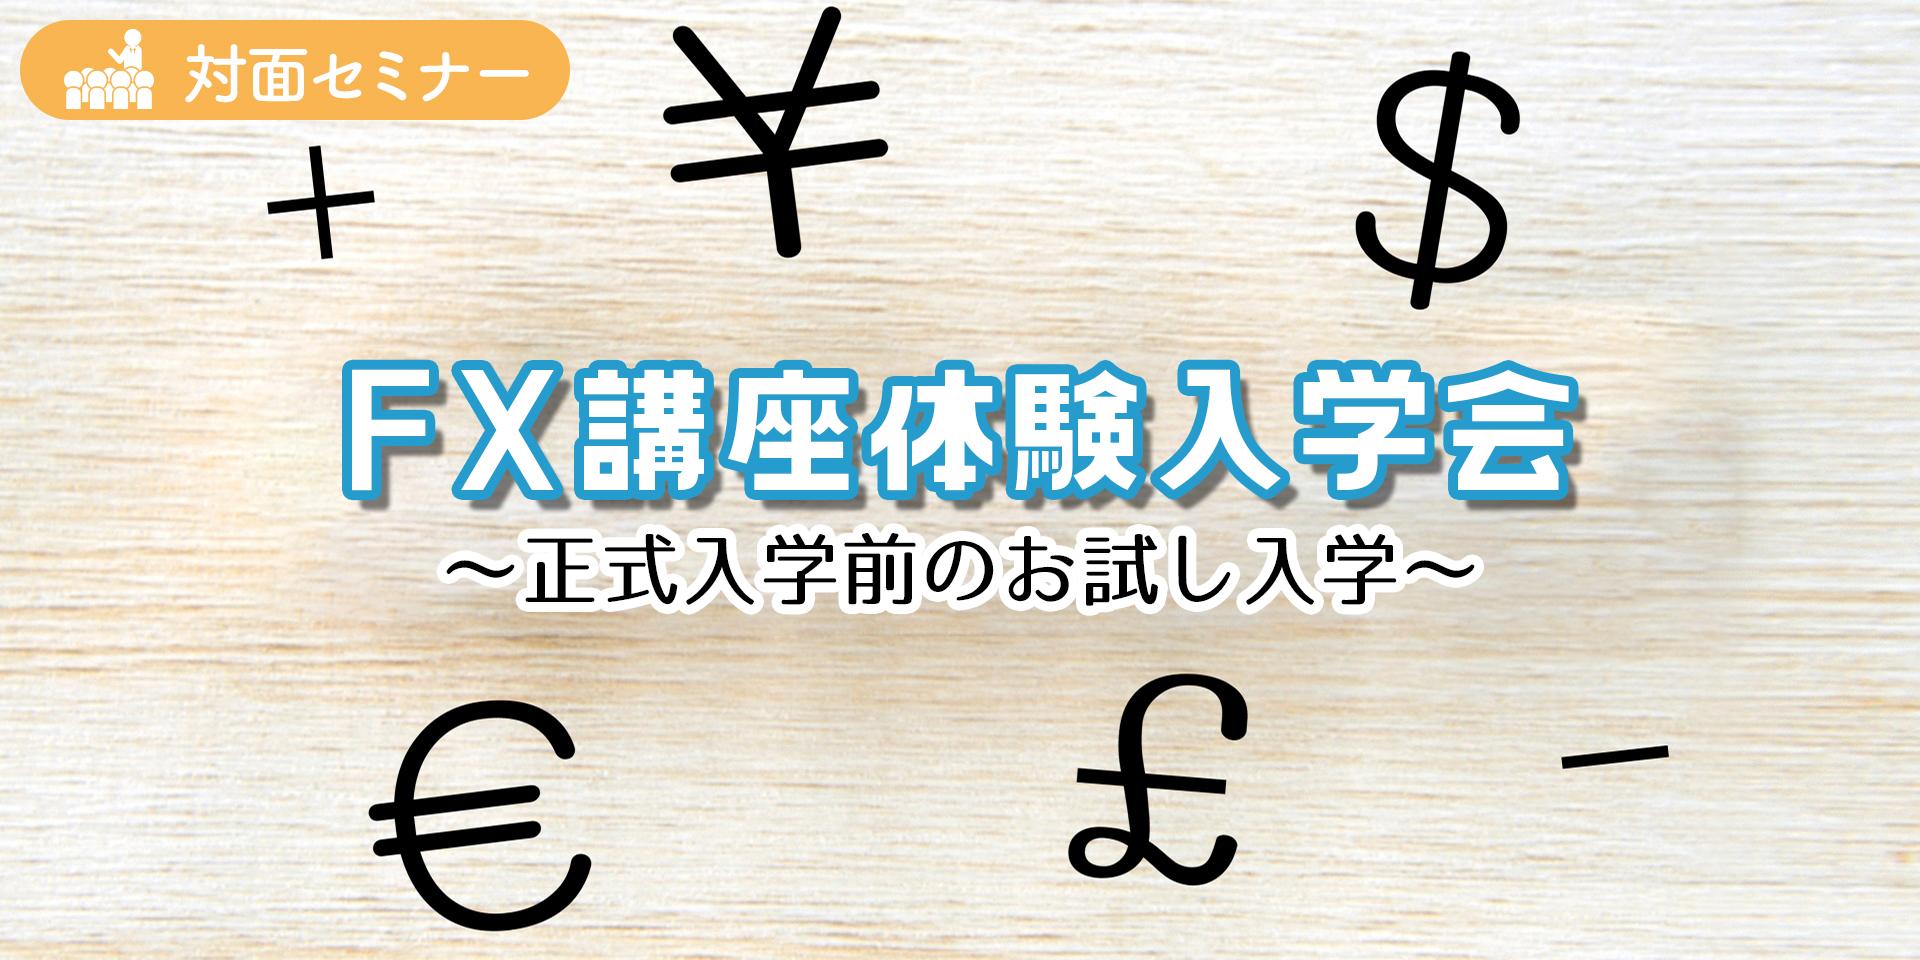 田島さん体験入学会1